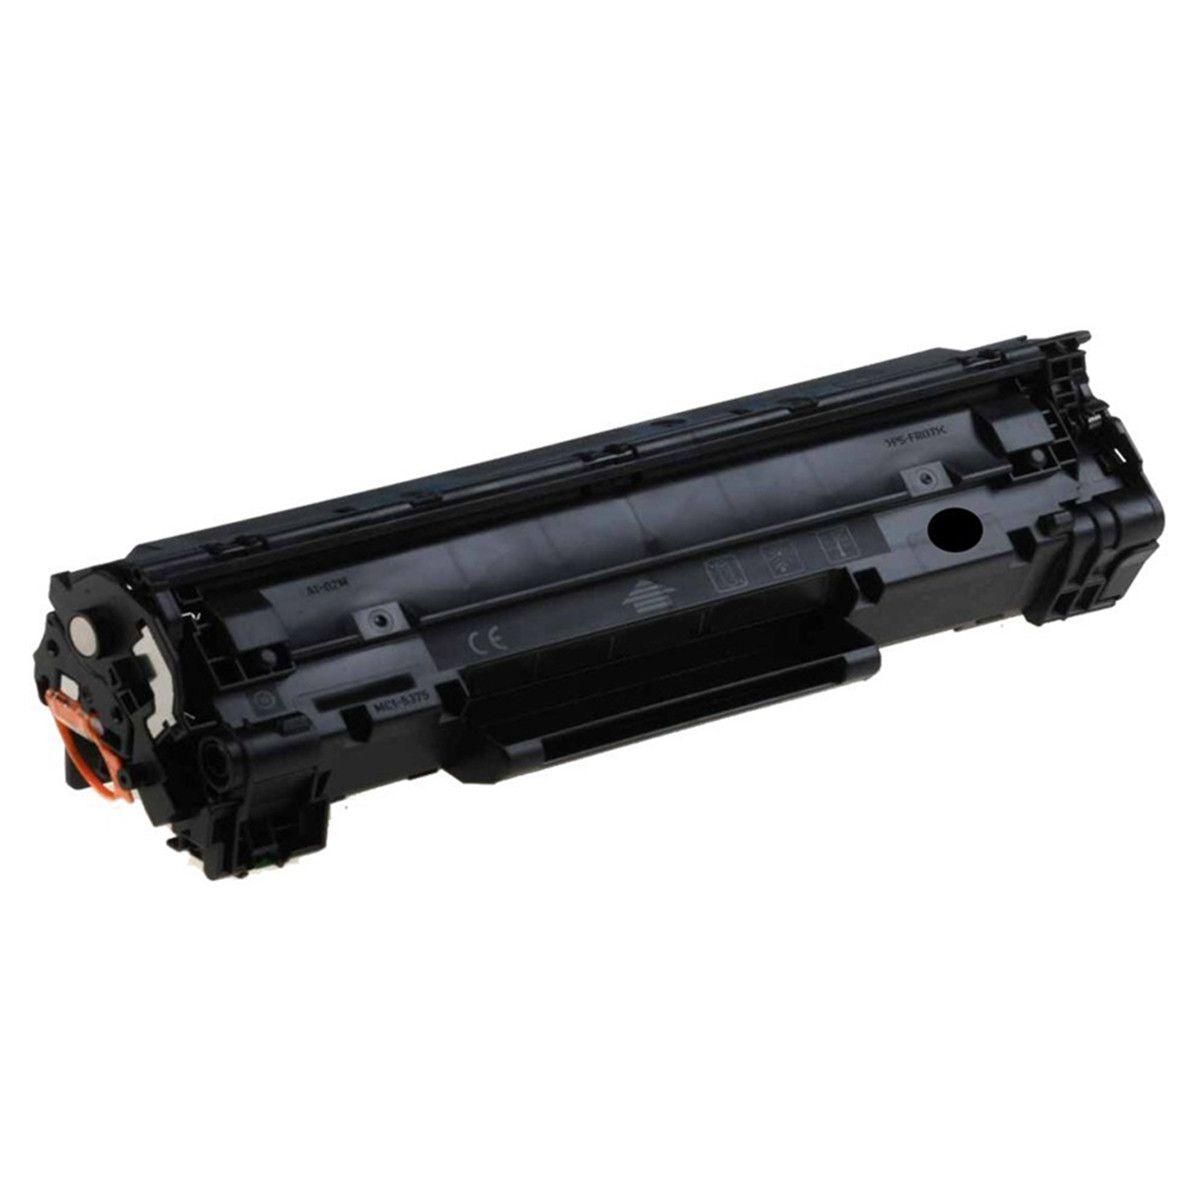 Toner Compatível com HP CF400A 201A CF400AB Black 1.500 Páginas - Cartucho & Cia